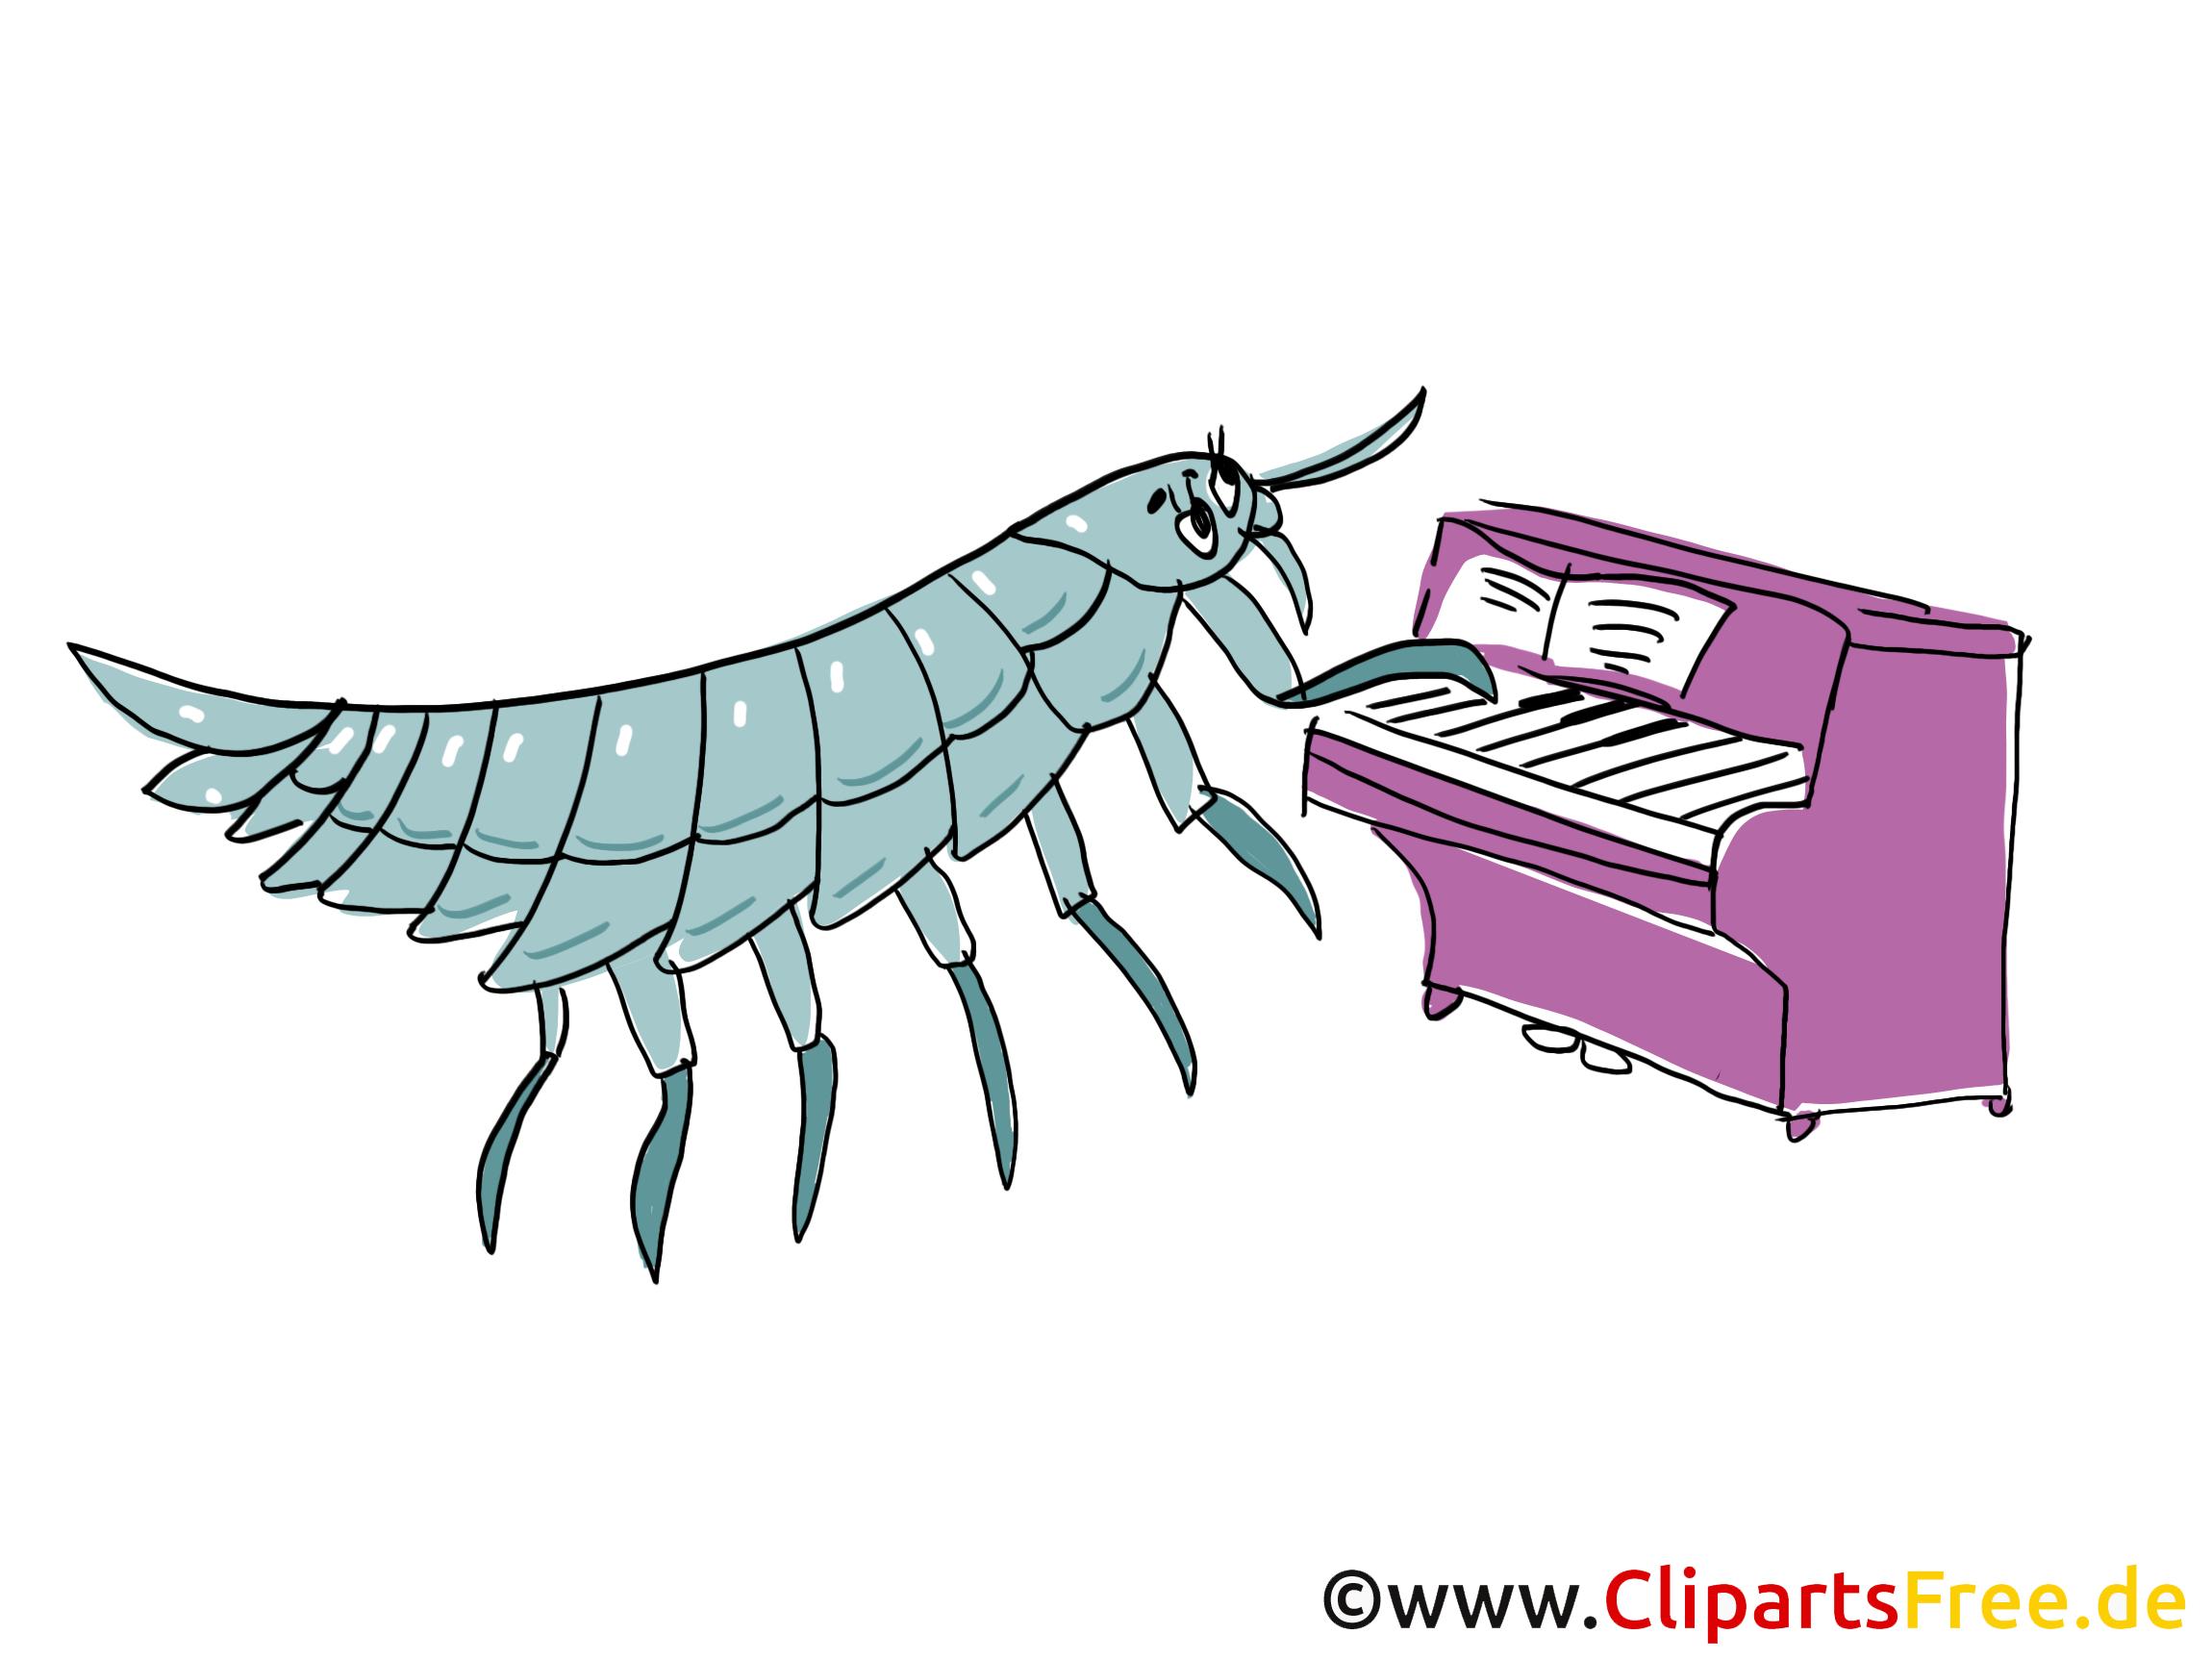 Clipart piano gratuit clipart transparent library Clipart piano gratuit - ClipartFest clipart transparent library